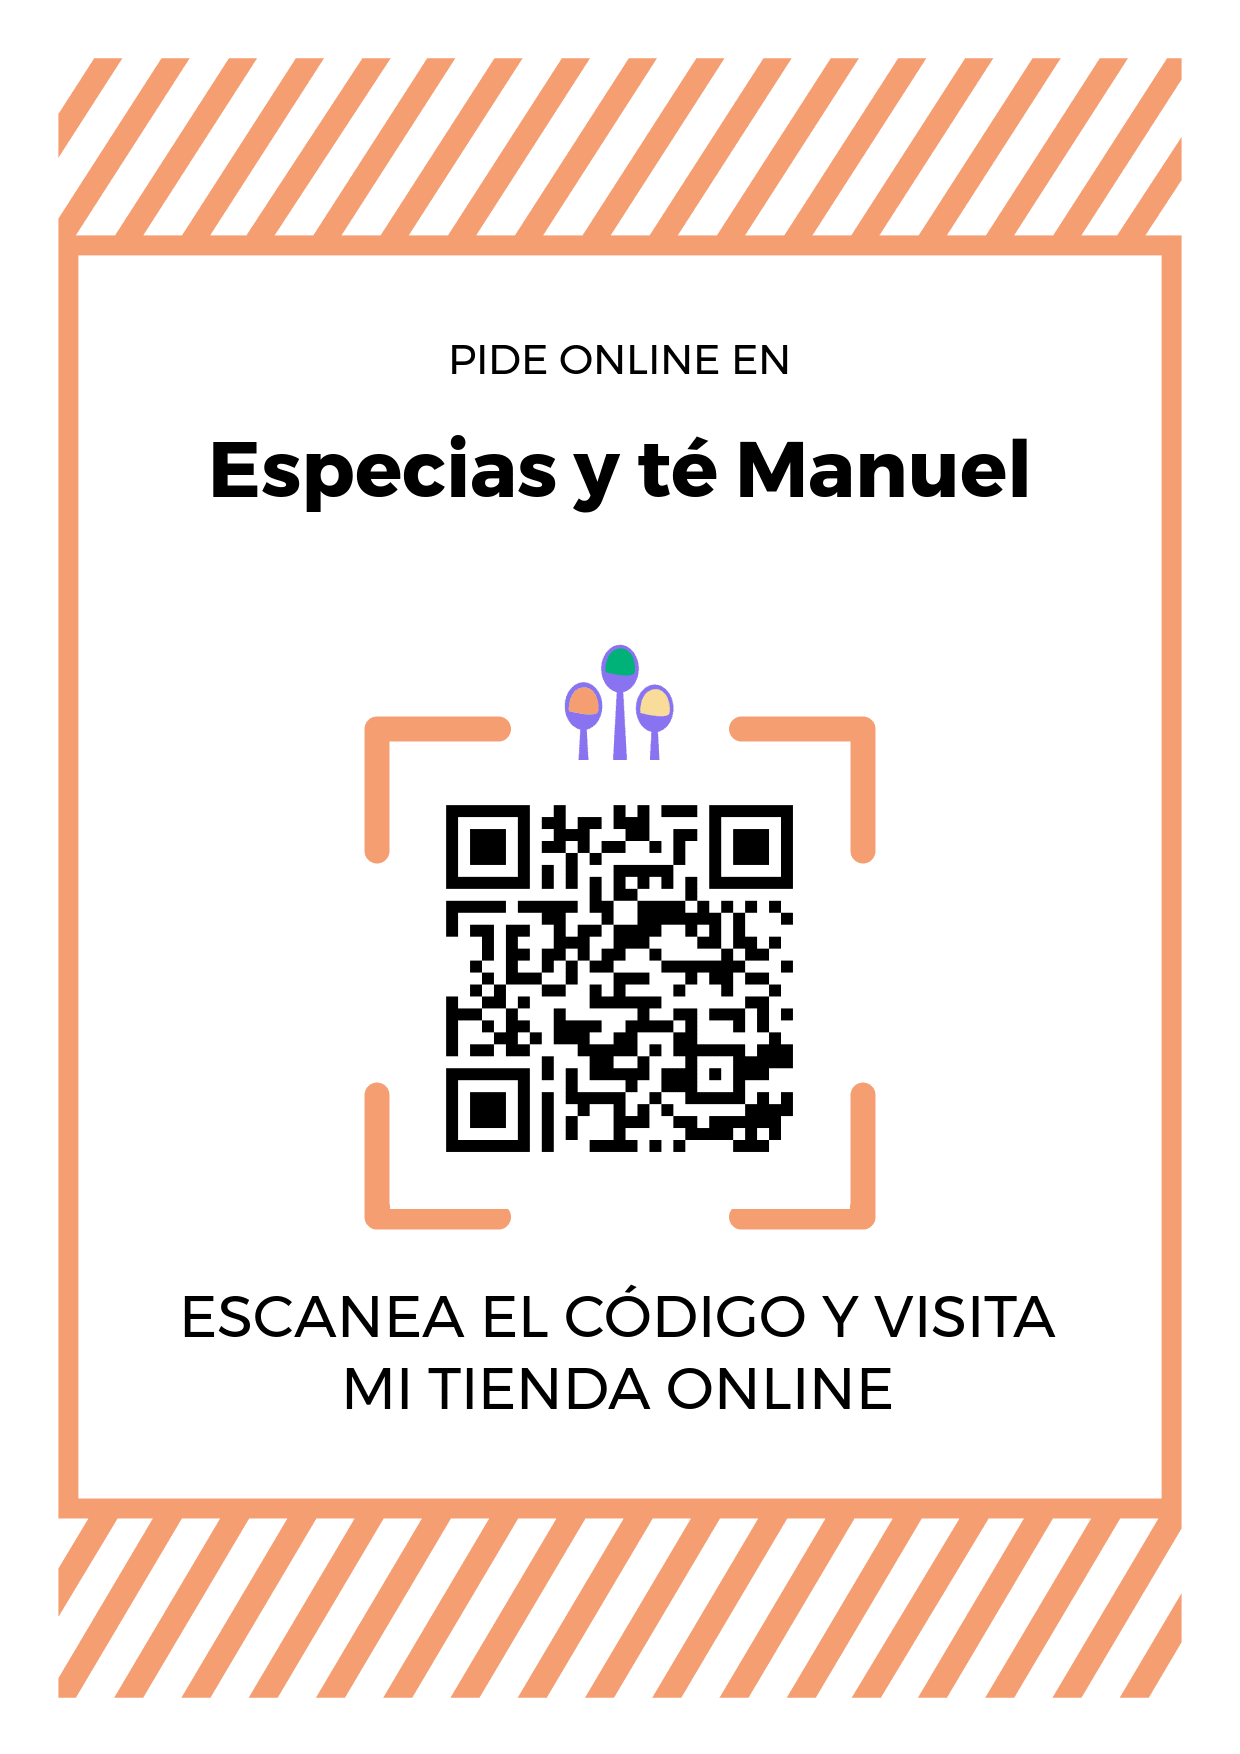 Cartel Póster de Código QR para tienda de Especias y té